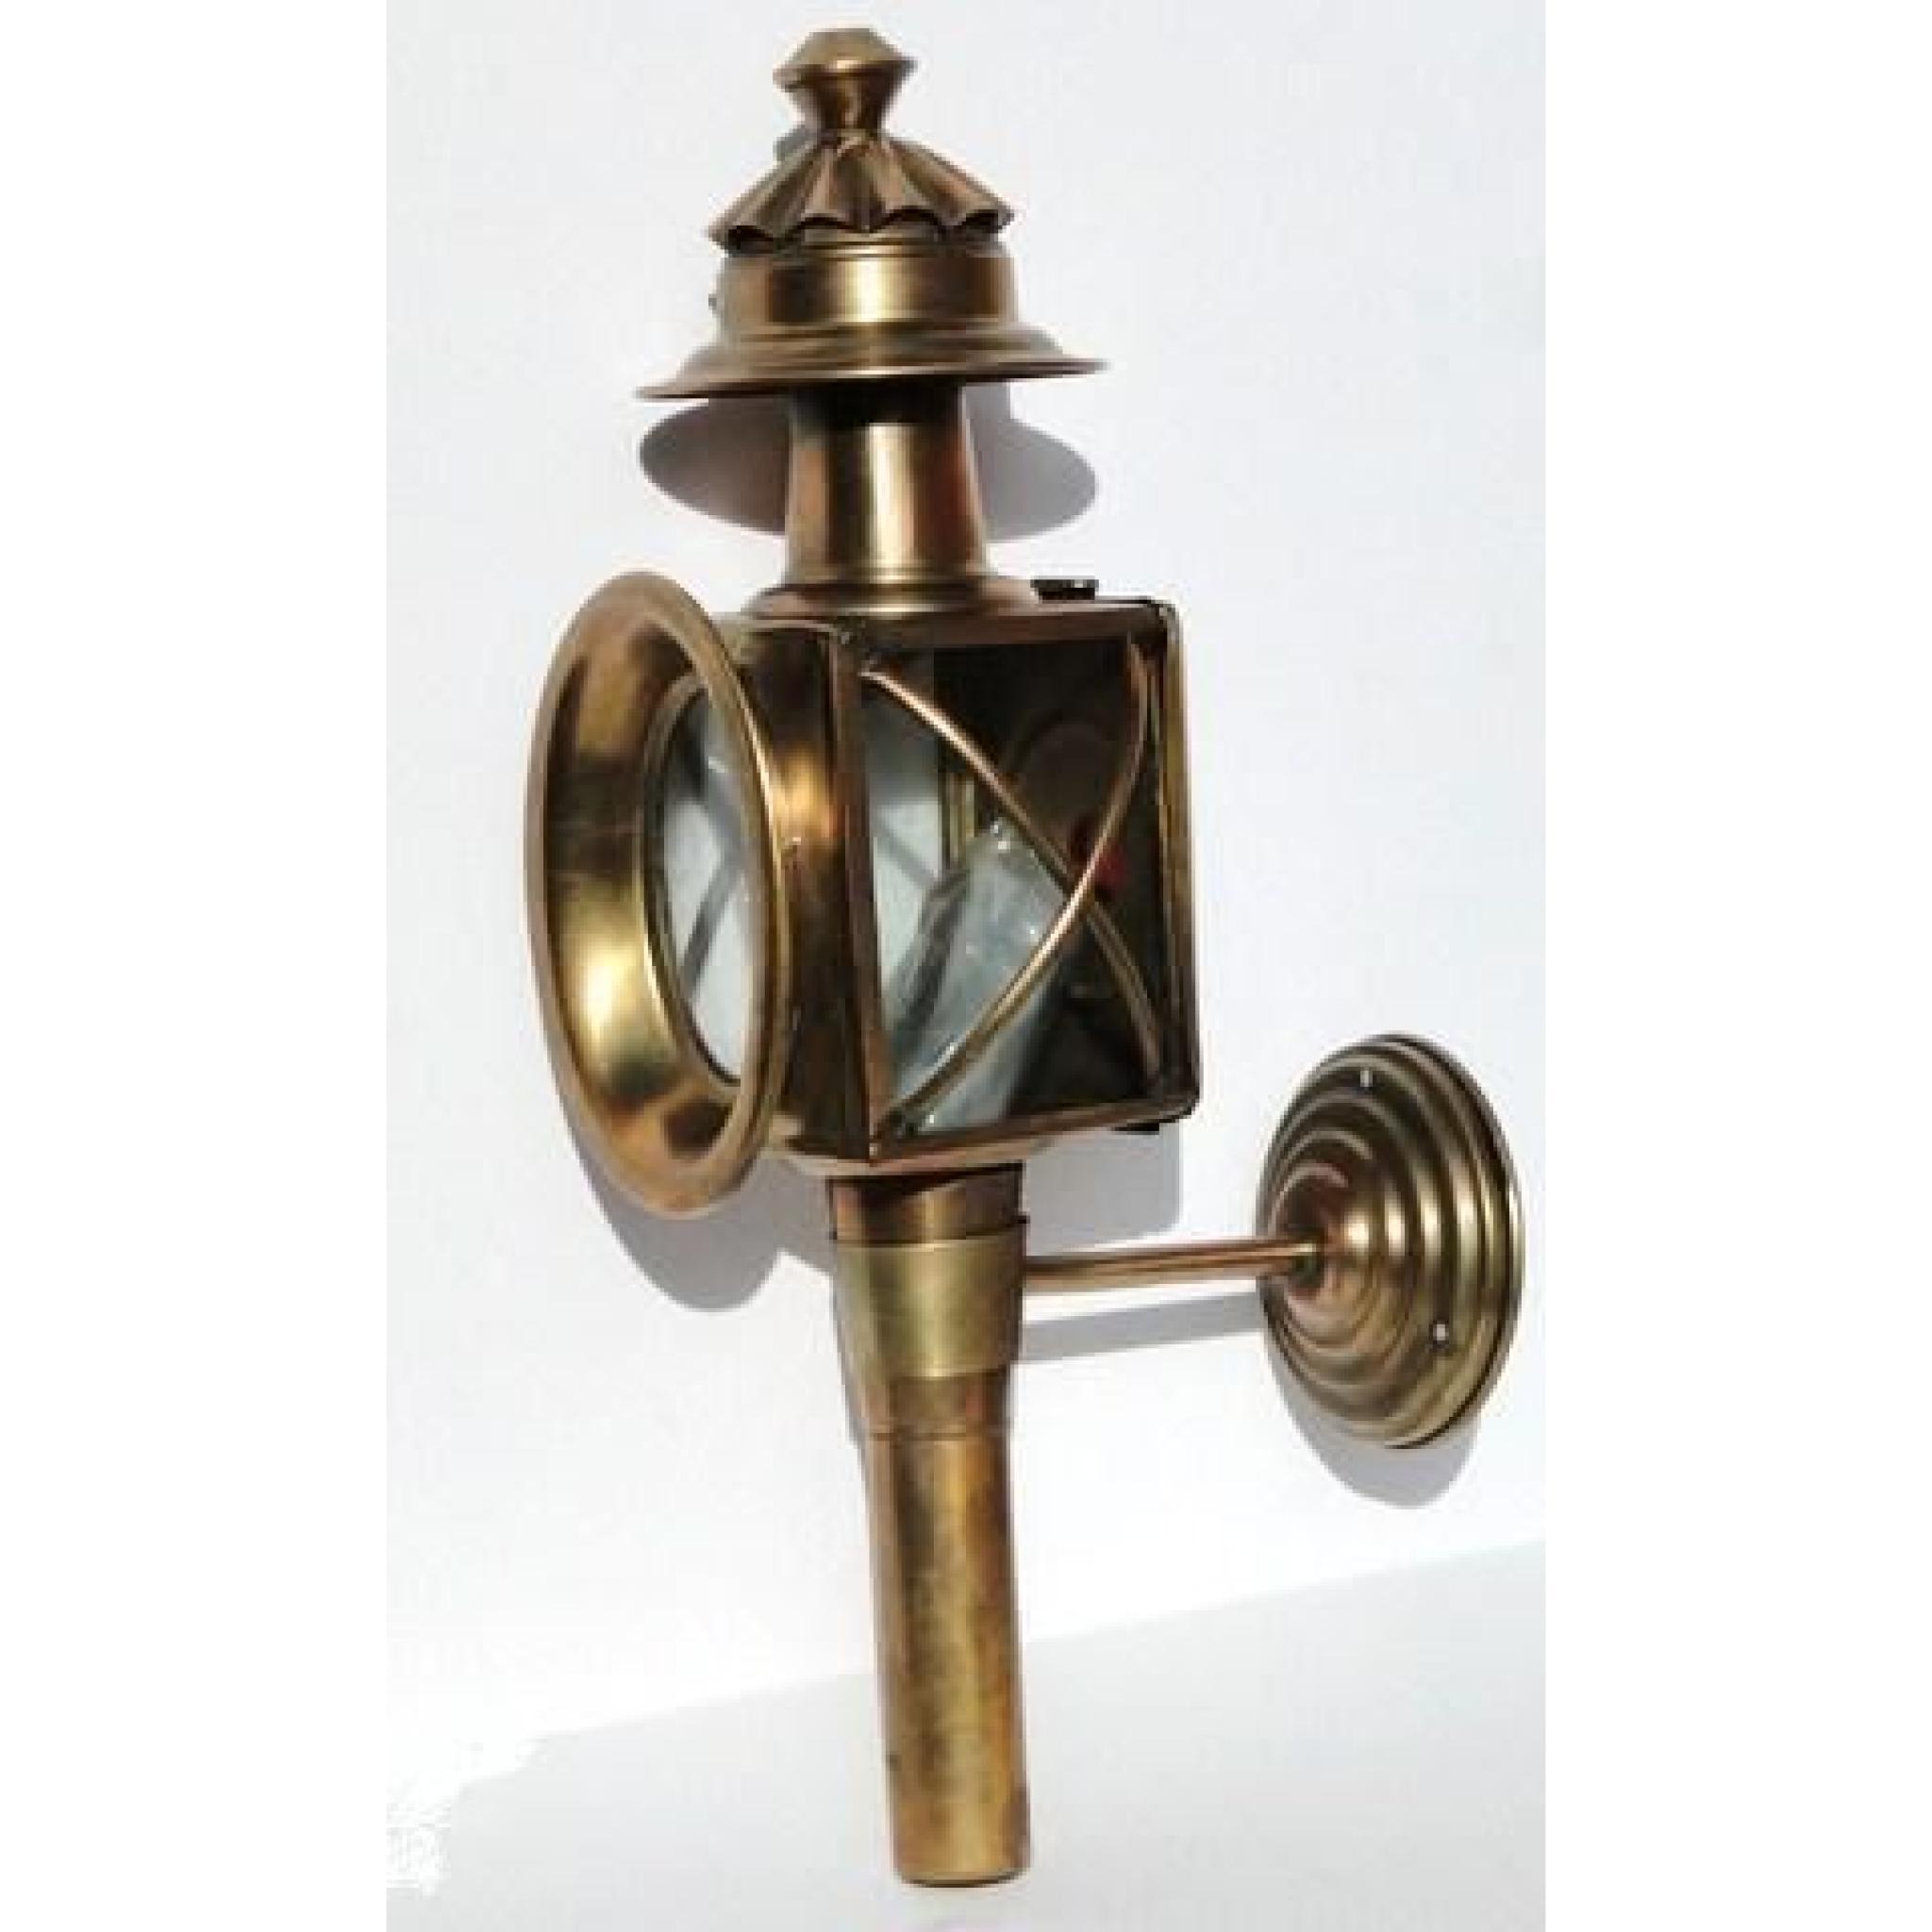 lampe petrole applique lampe de fiacre cal che lanterne diligence carrosse en laiton achat. Black Bedroom Furniture Sets. Home Design Ideas